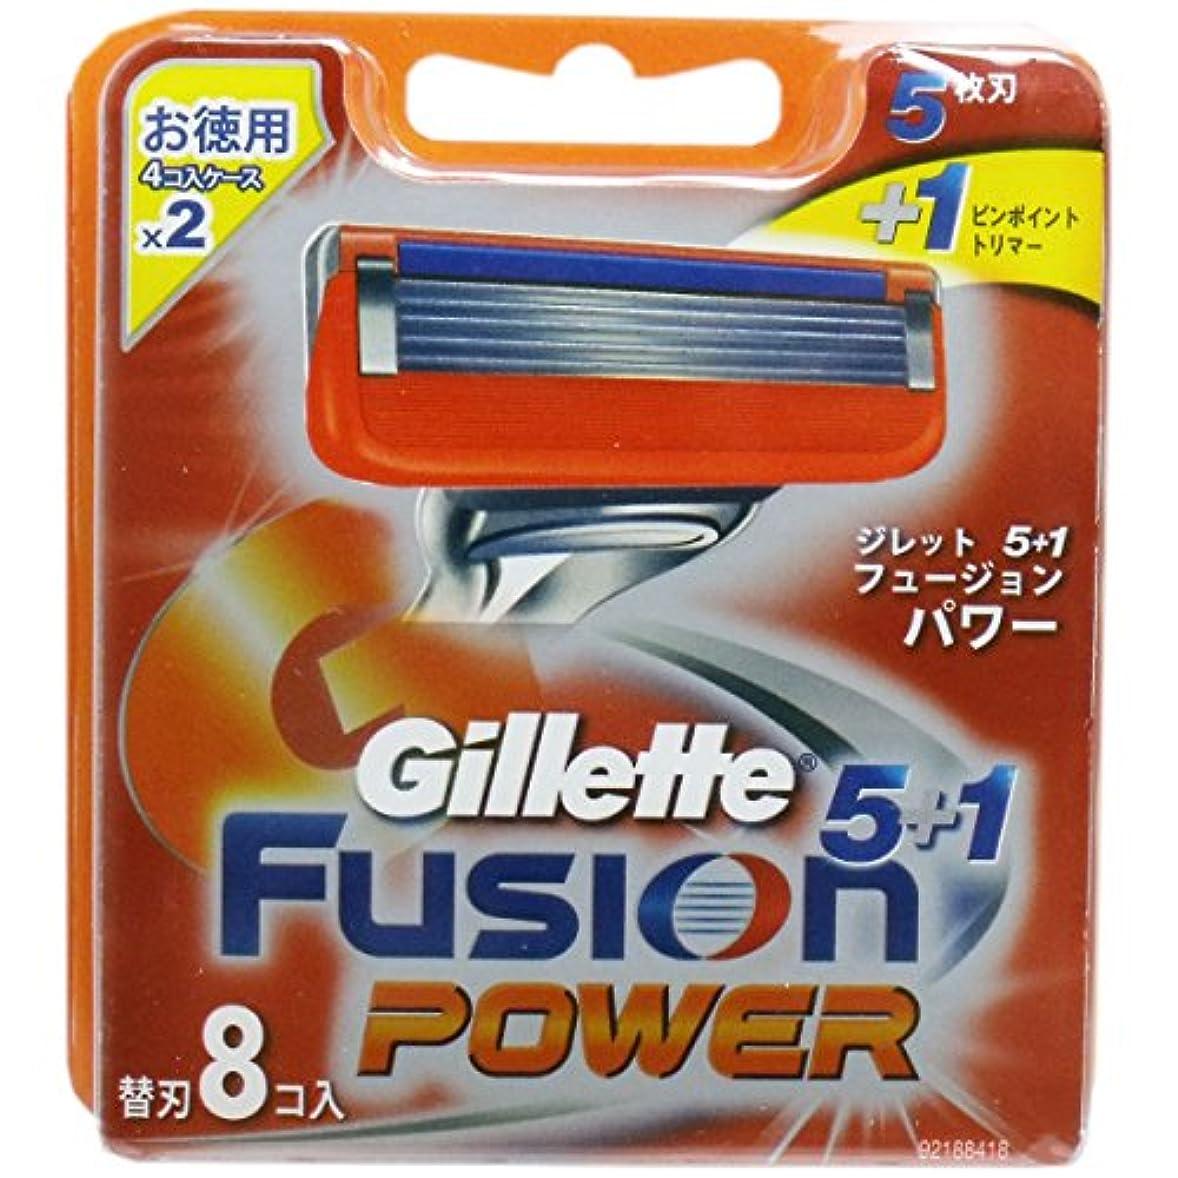 支援する狭い適用するジレット フュージョン5+1 パワー 替刃8個入(単品)